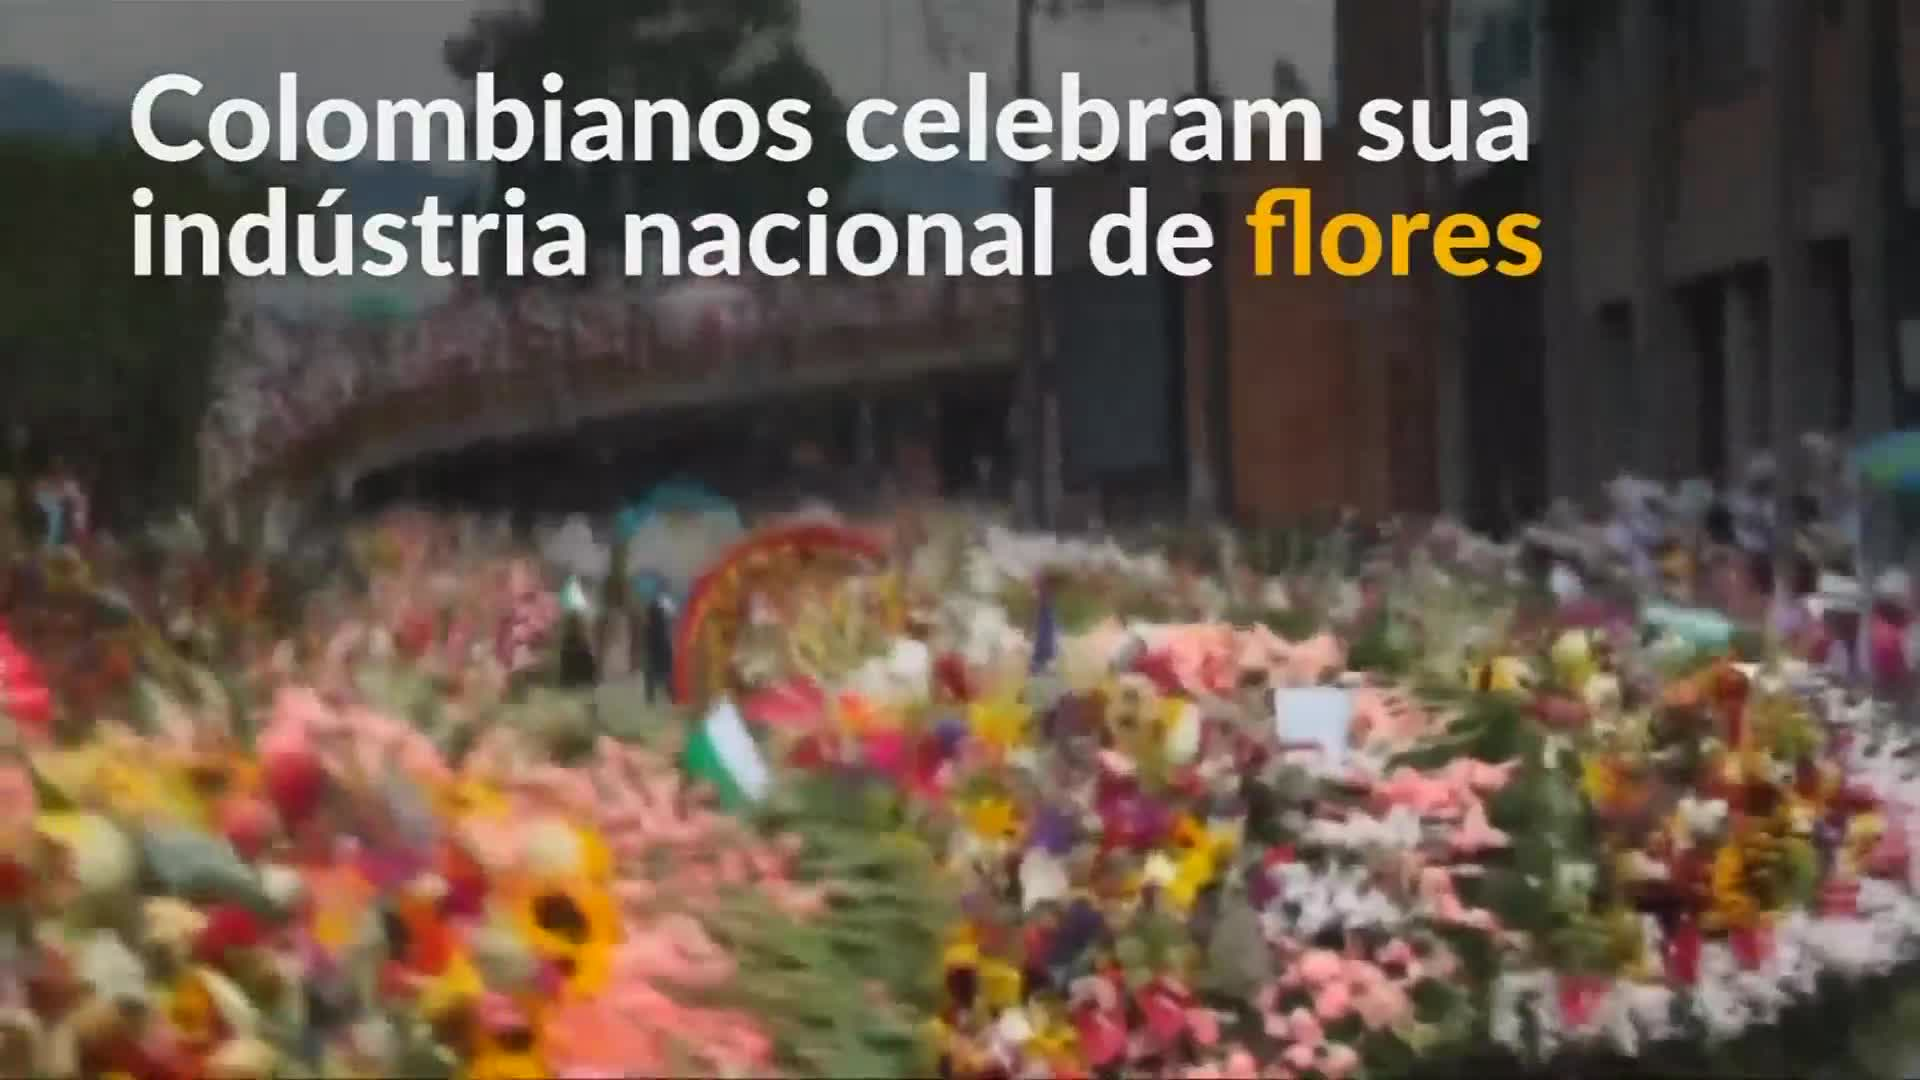 Dietas de famosas colombianas